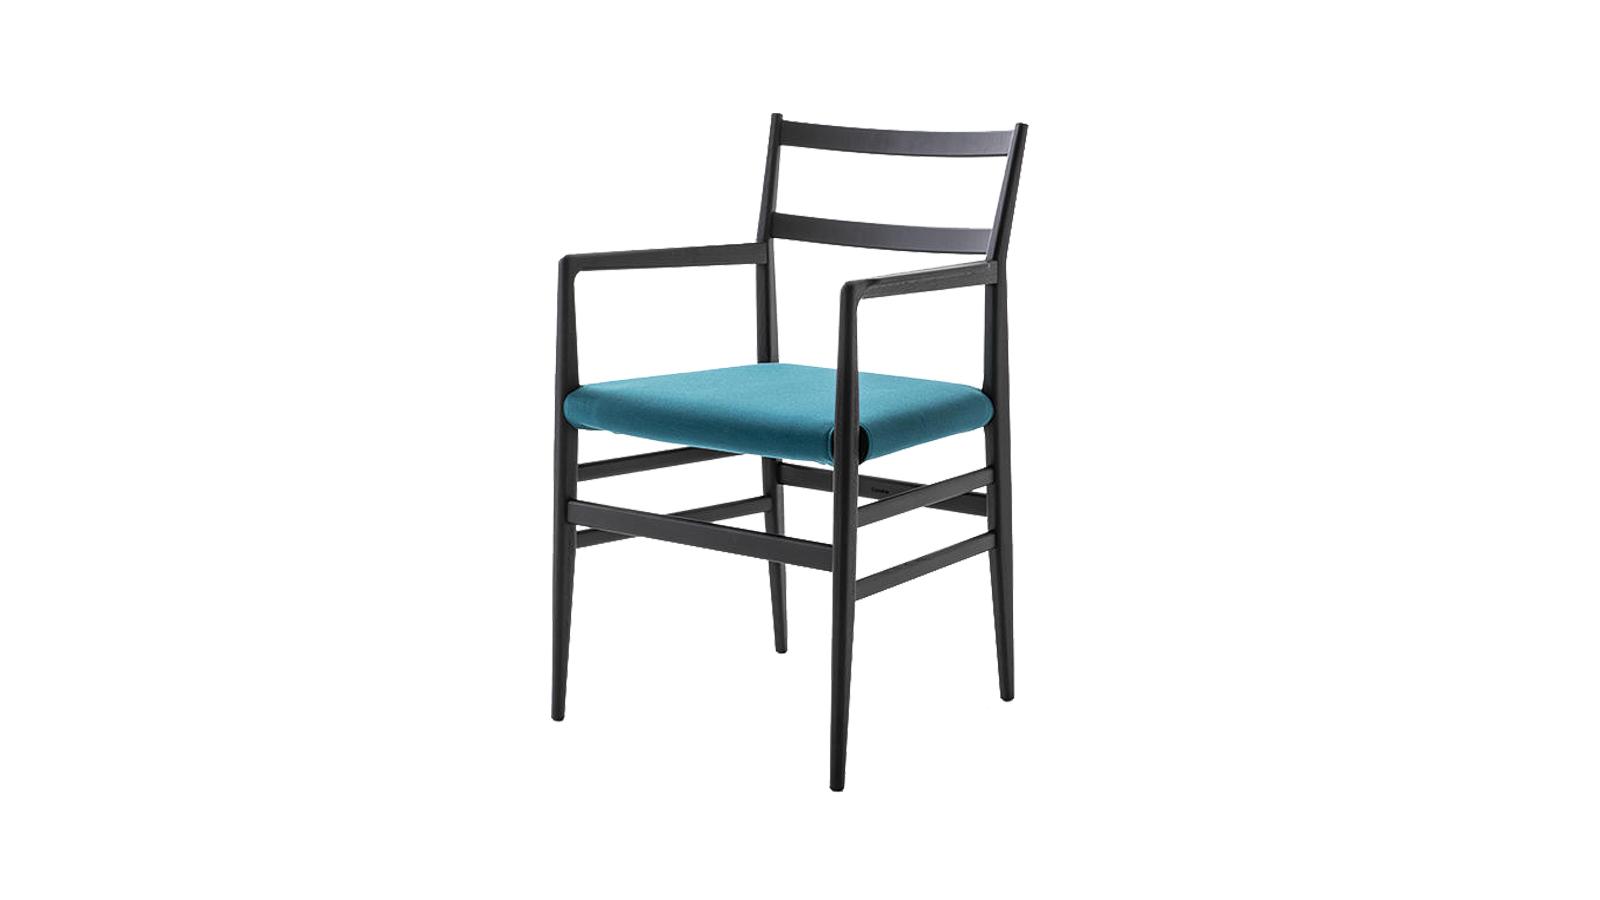 Az ikonikus szék érdekessége, hogy Gio Ponti abban az időben tervezte, mikor a nagy bútorgyártók, a rohamosan feljődő technológiájú műhelyek és a neves tervezők bámulatos együttszárnyalása megkezdődött az 1950-es években. A kőrisfa ülőbútor légies, vékony vonalvezetésével igazi kortalan design klasszikus, így bármely évtizedben megállja a helyét és számtalan stílushoz, színvilághoz, hangulathoz remekül illetszthető.